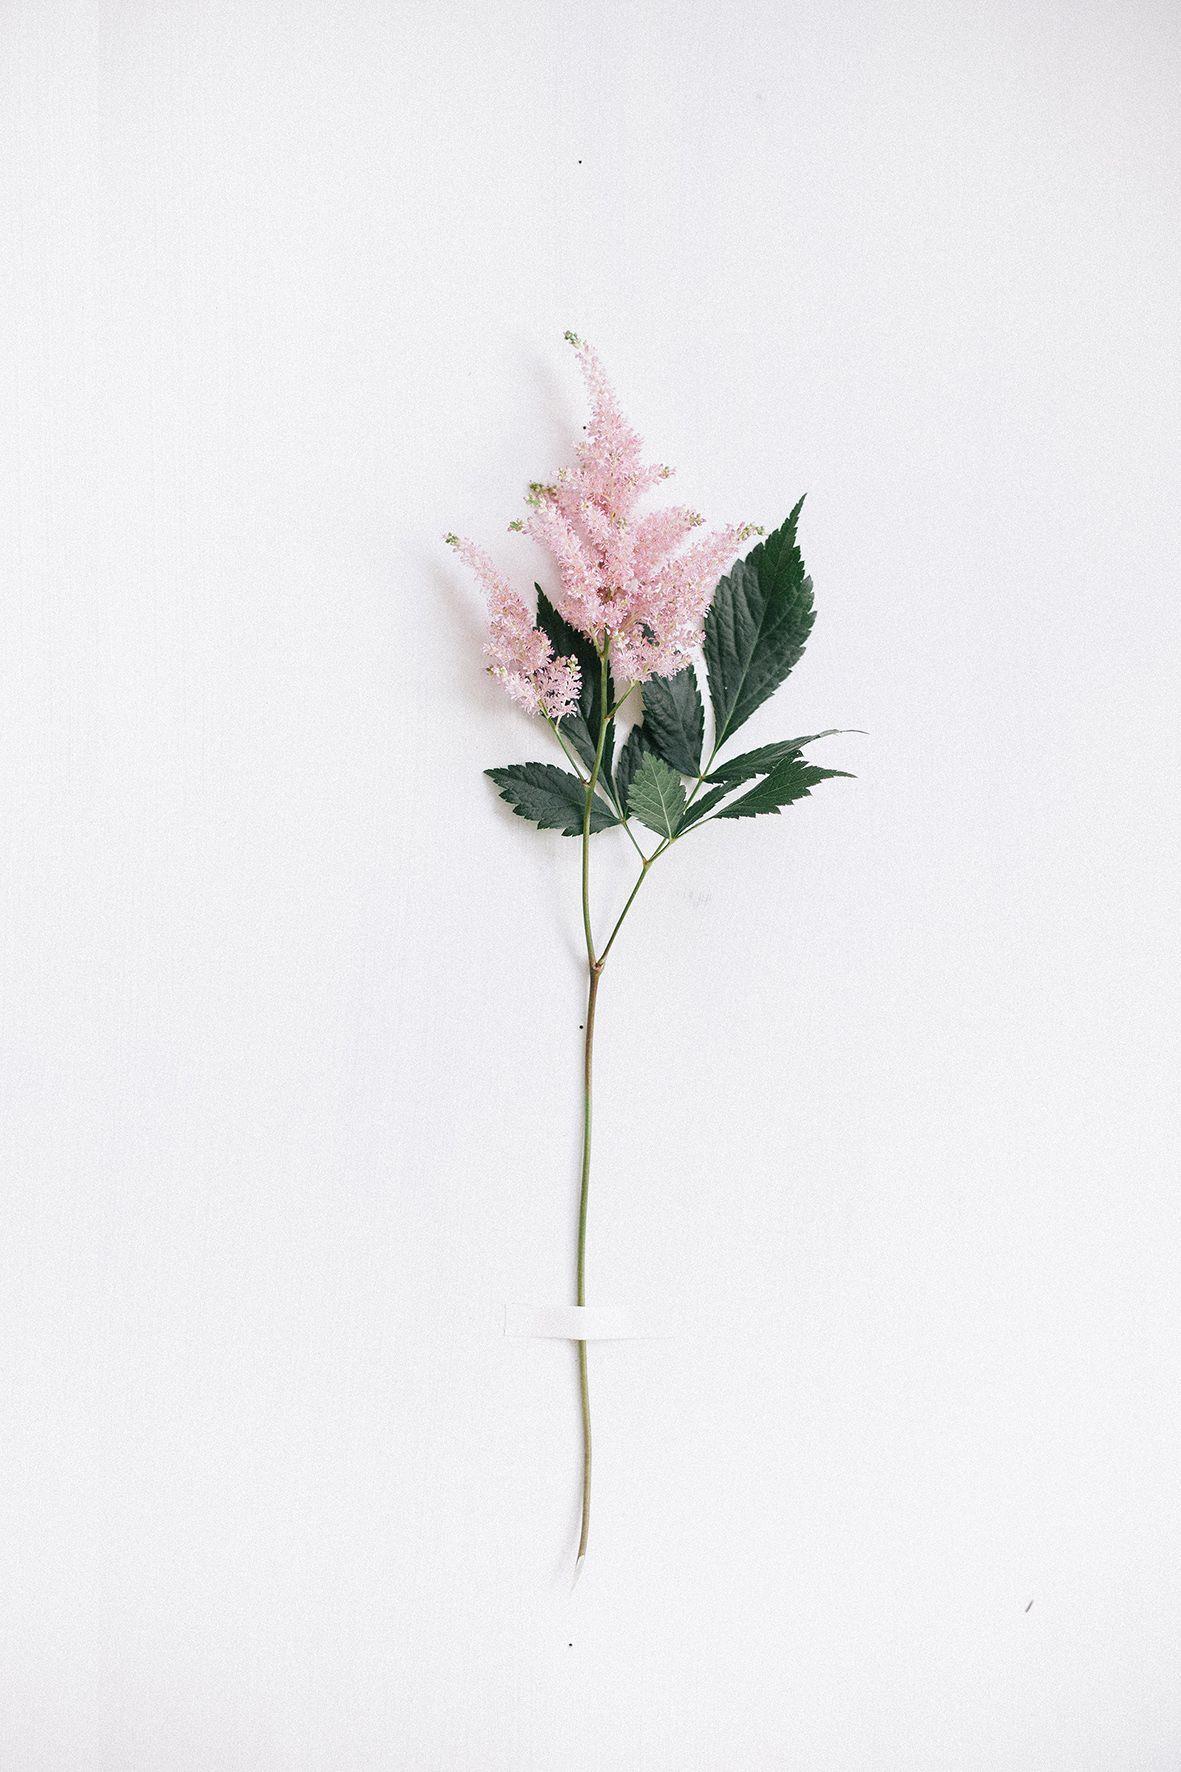 Astilbe Flowers Photography Flower Wallpaper Flower Aesthetic